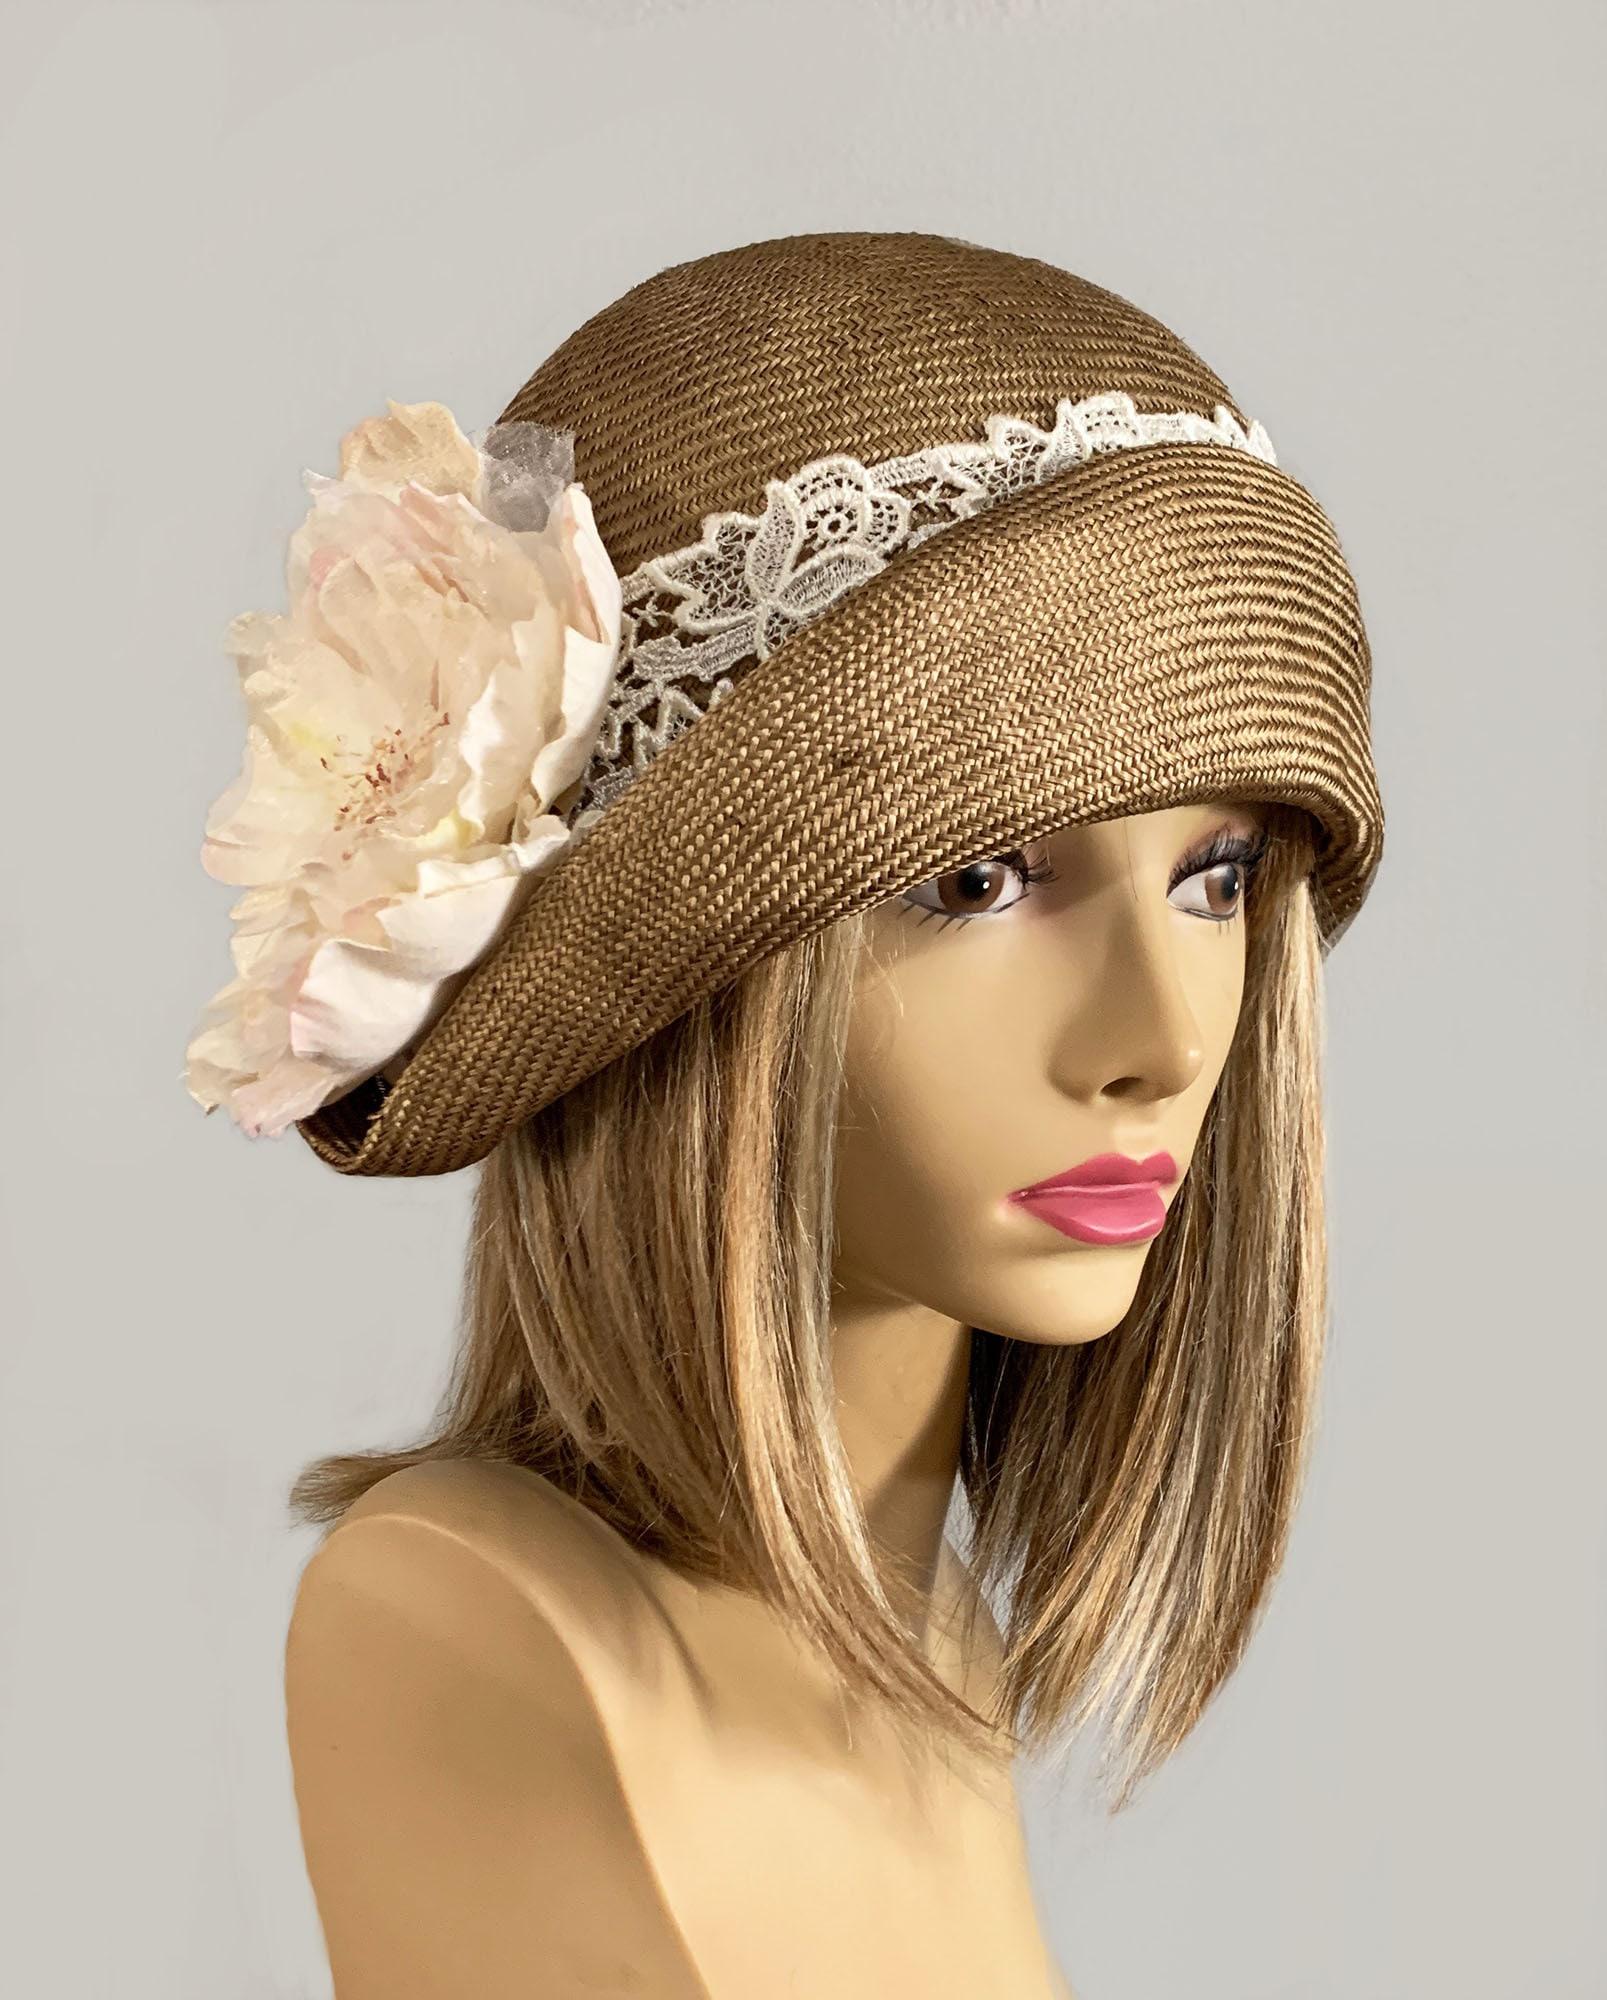 PRETTY STRAW CLOCHE HAT